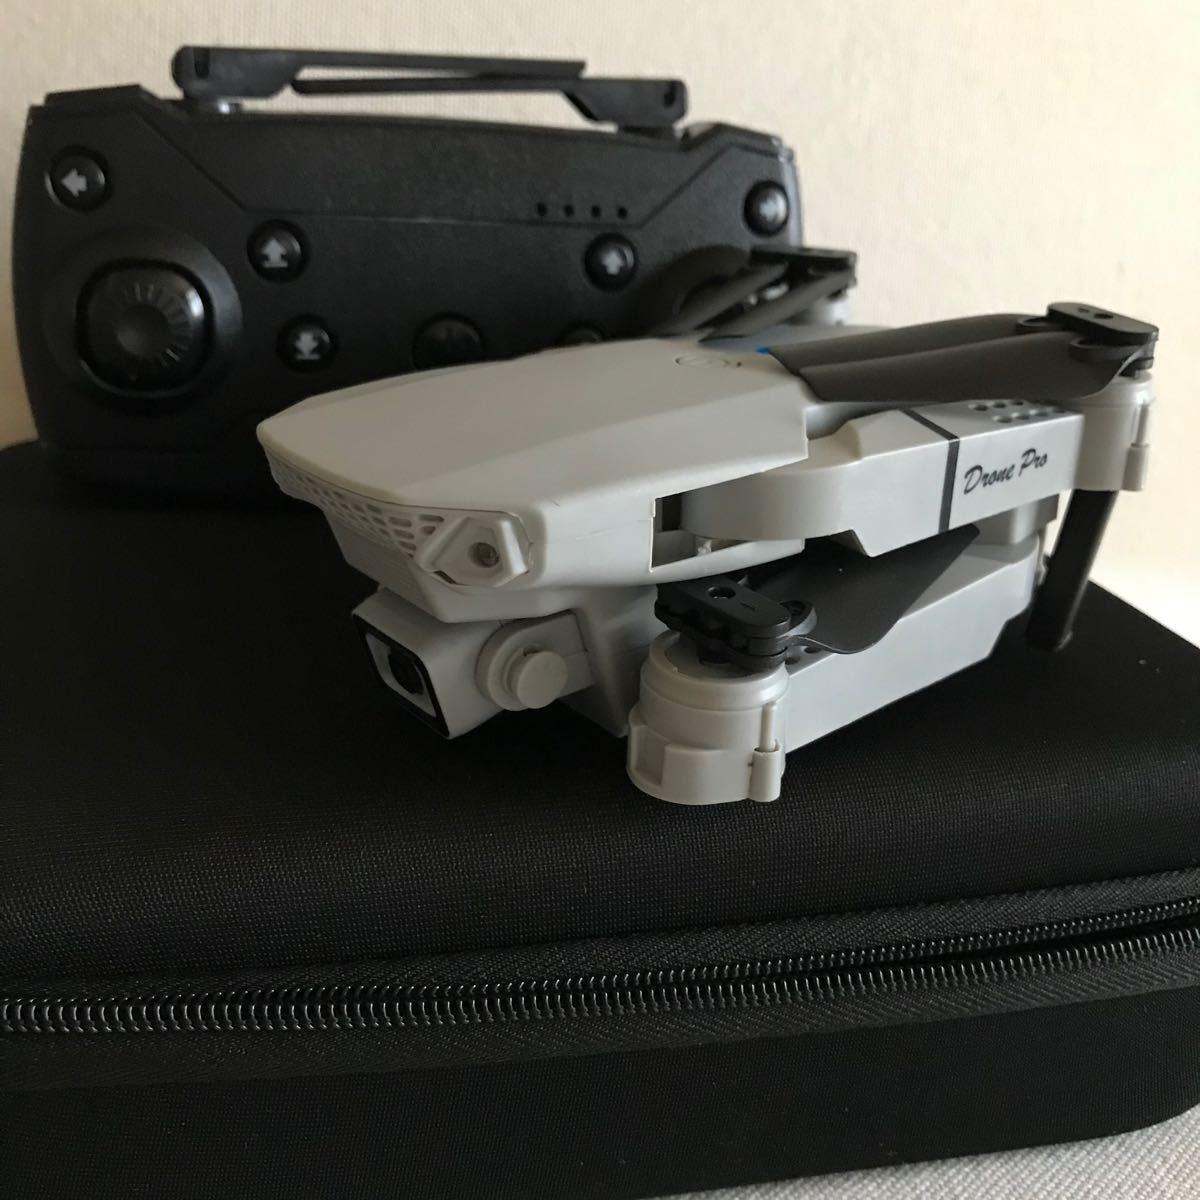 ドローンE88 Drone Proカメラ4KHD                   高画質.収納バッグ付き